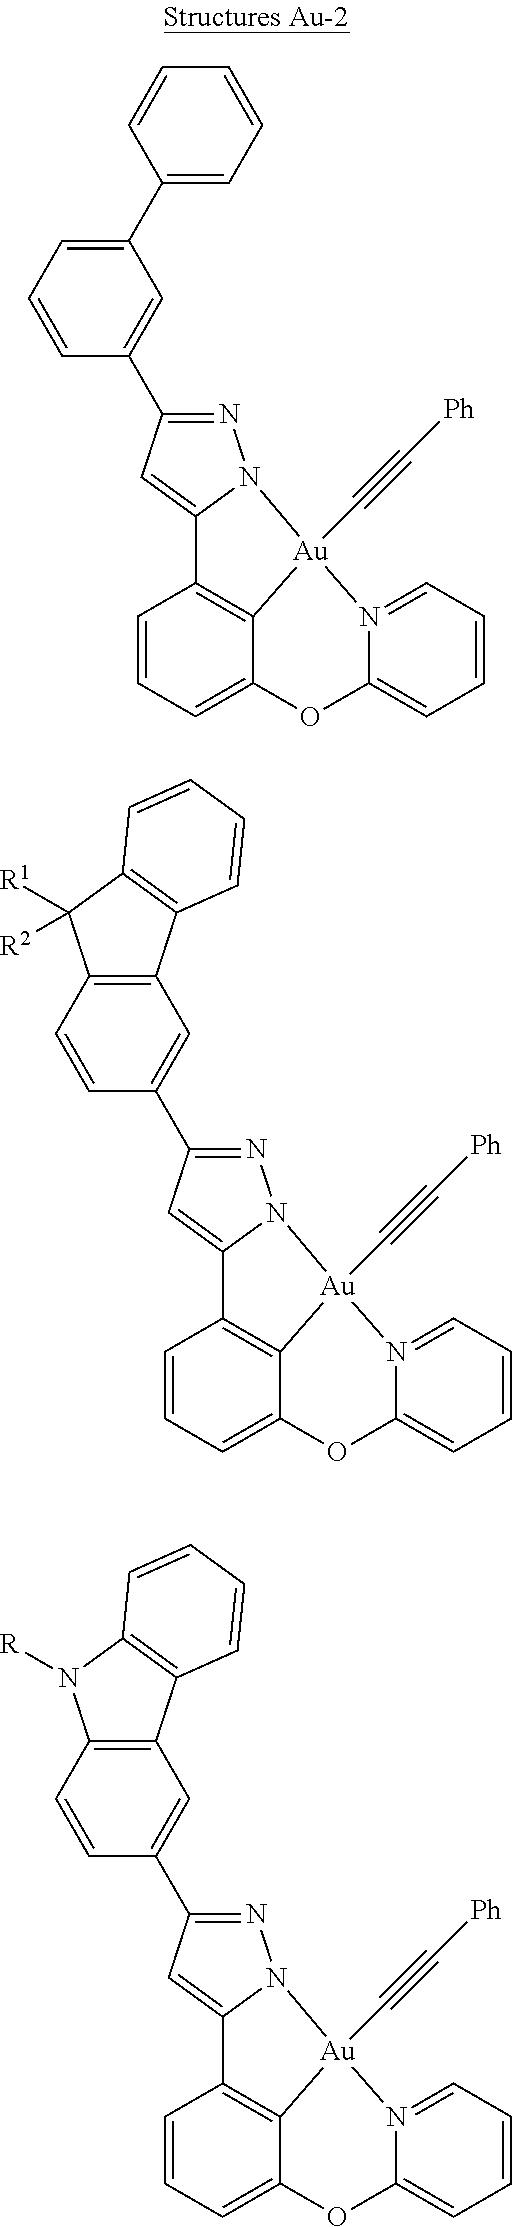 Figure US09818959-20171114-C00554